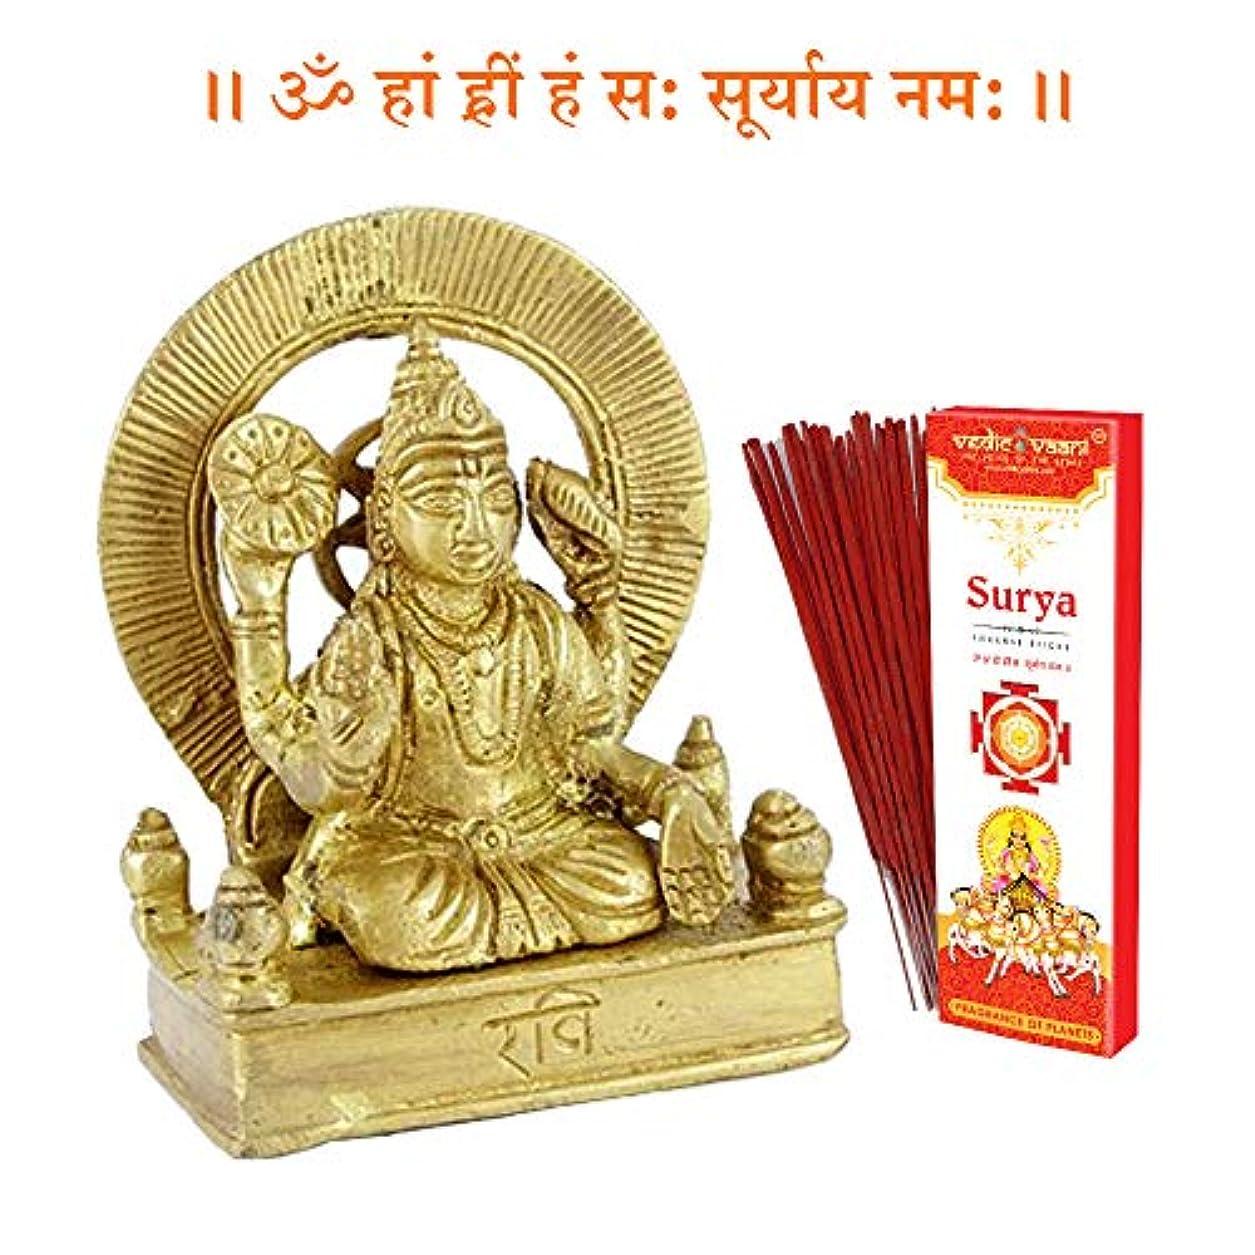 終了する感謝する事故Vedic Vaani Surya graha Idol Surya お香スティック